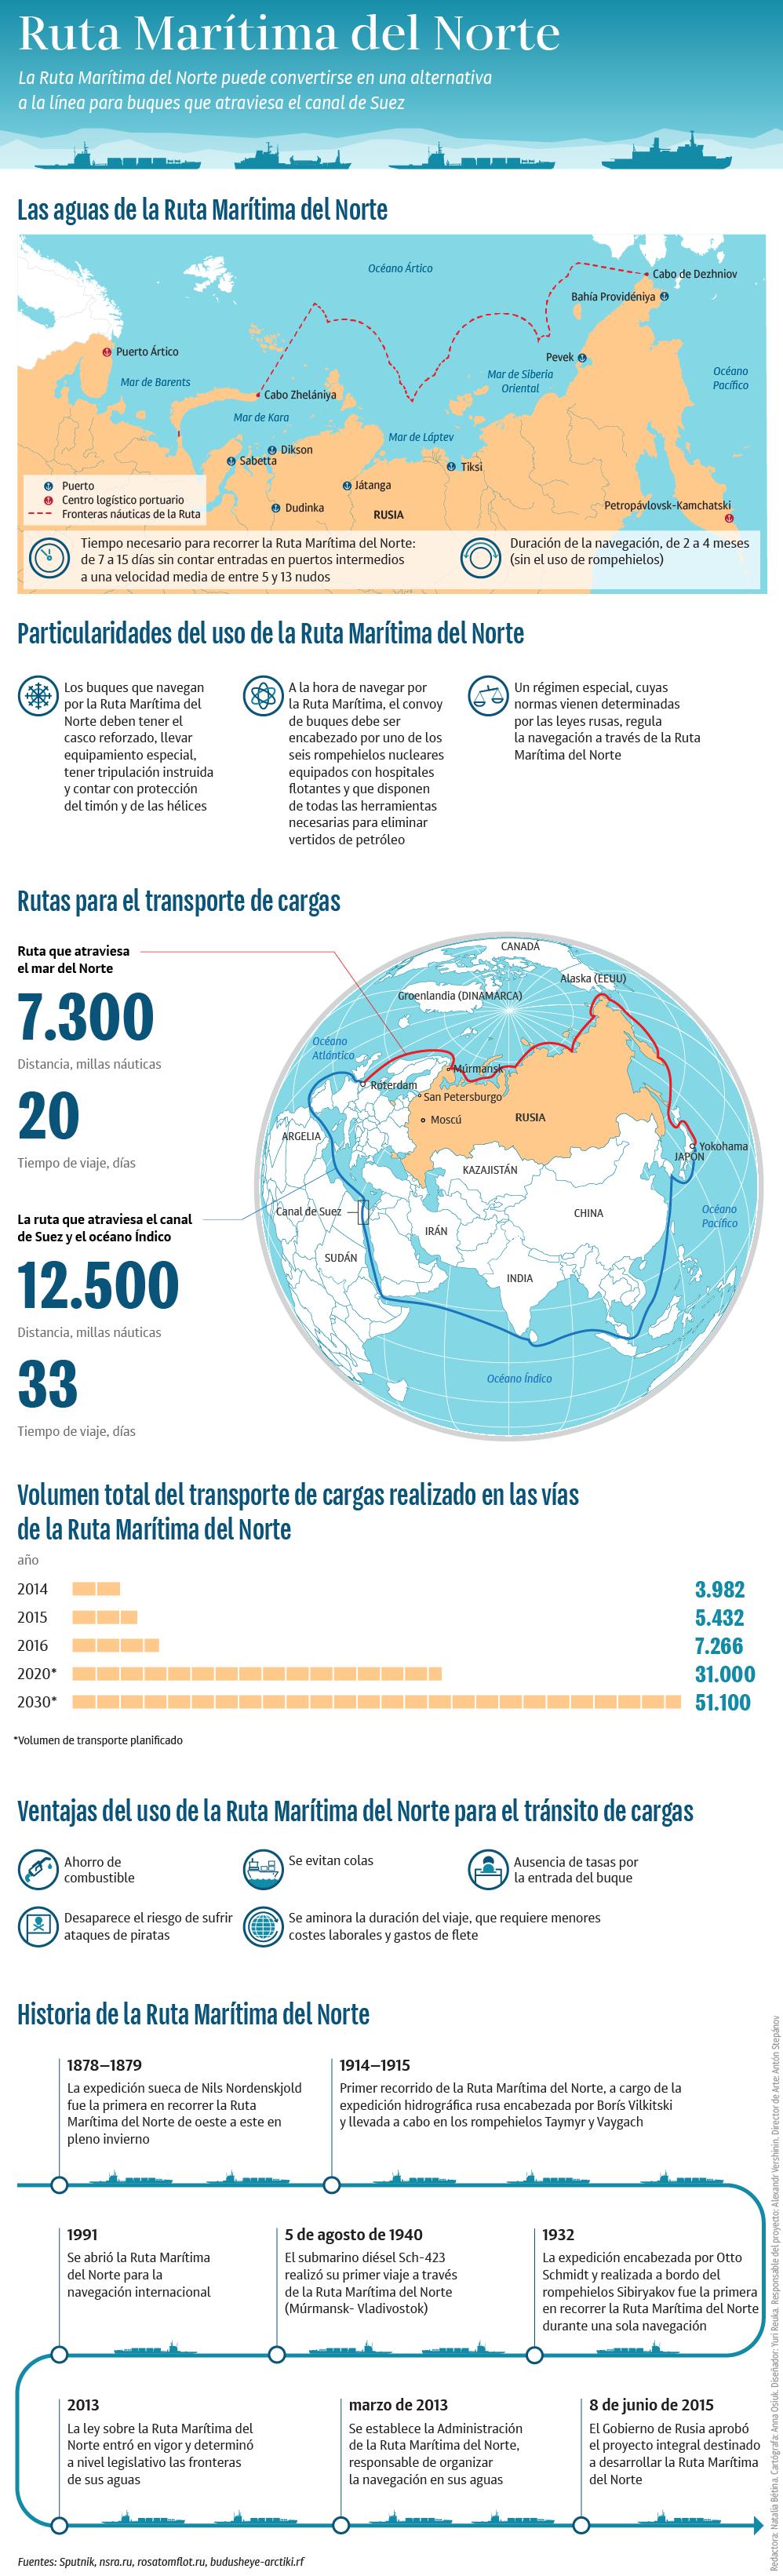 La Ruta Marítima del Norte, una alternativa para el transporte de cargas - Sputnik Mundo